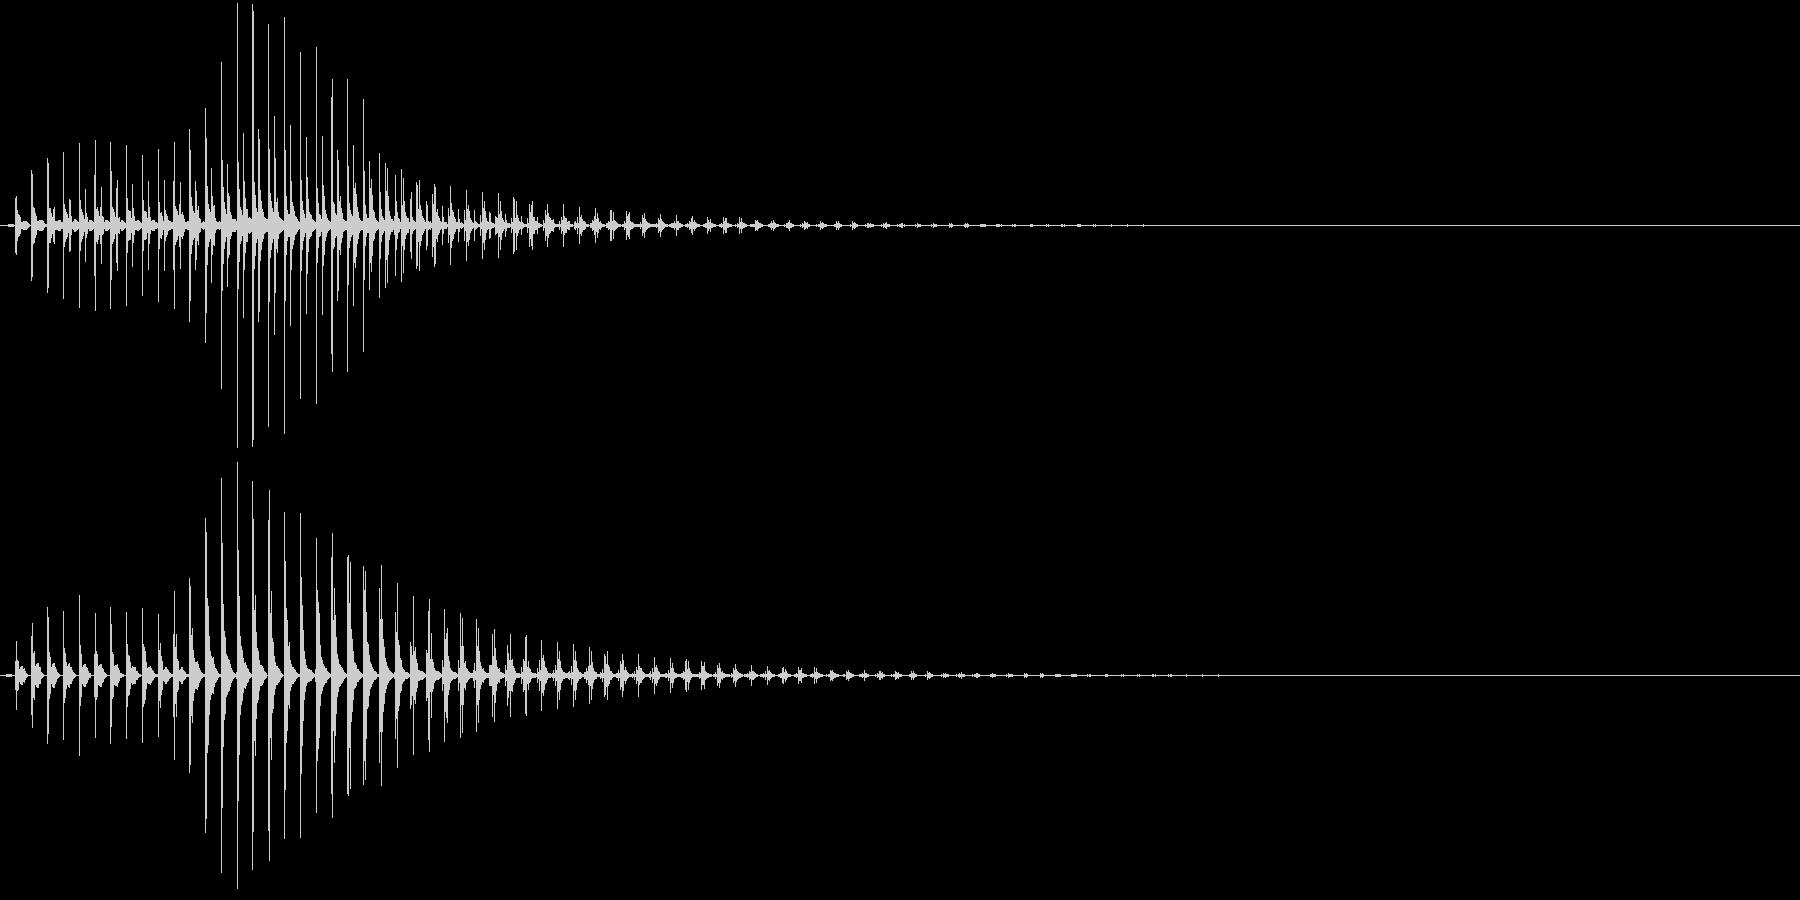 SF CinemaFX 未来の電子音の未再生の波形